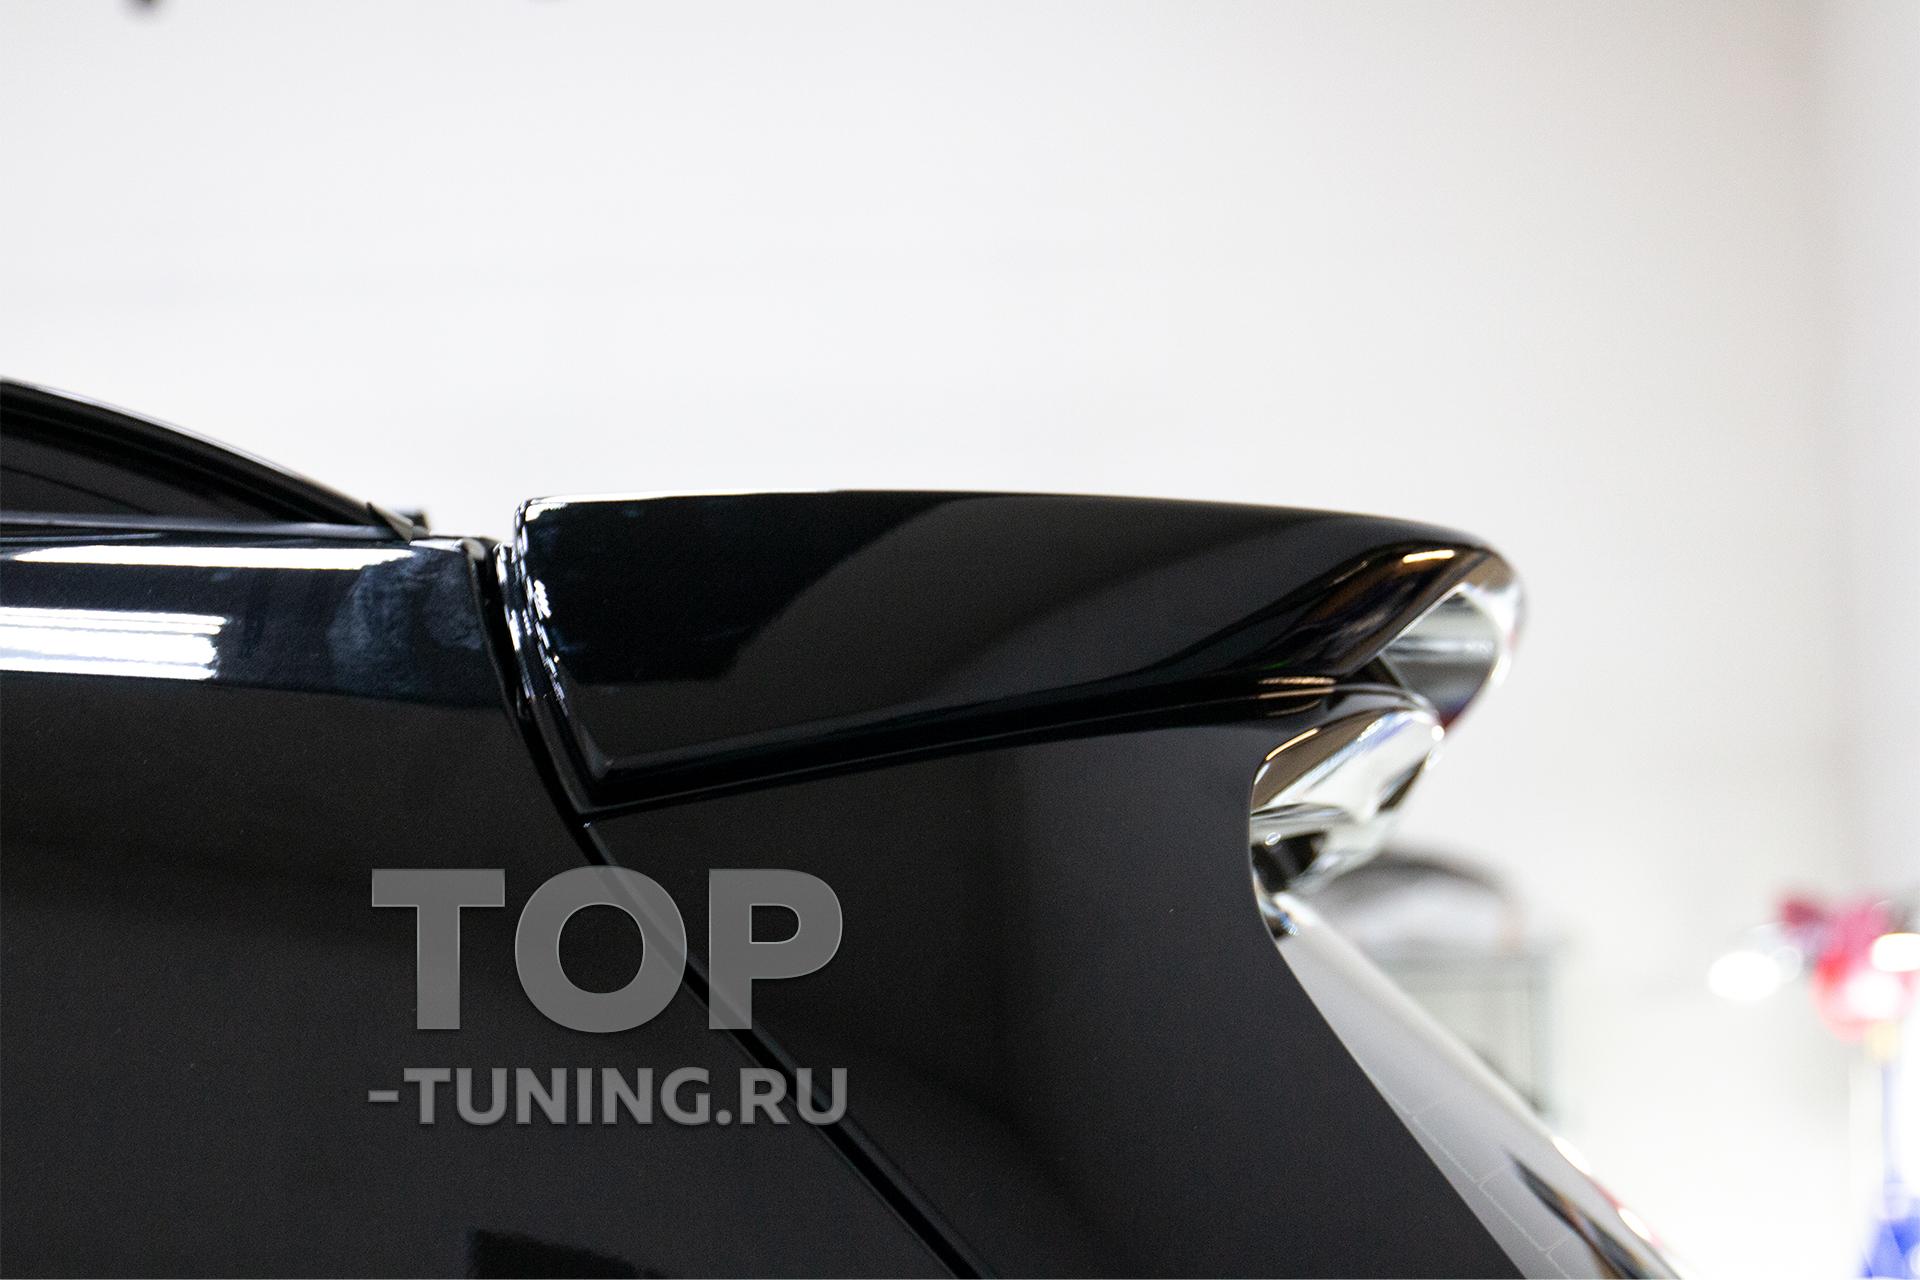 Черный спойлер ПРО ГТ для тюнинга БМВ Х7 Г07